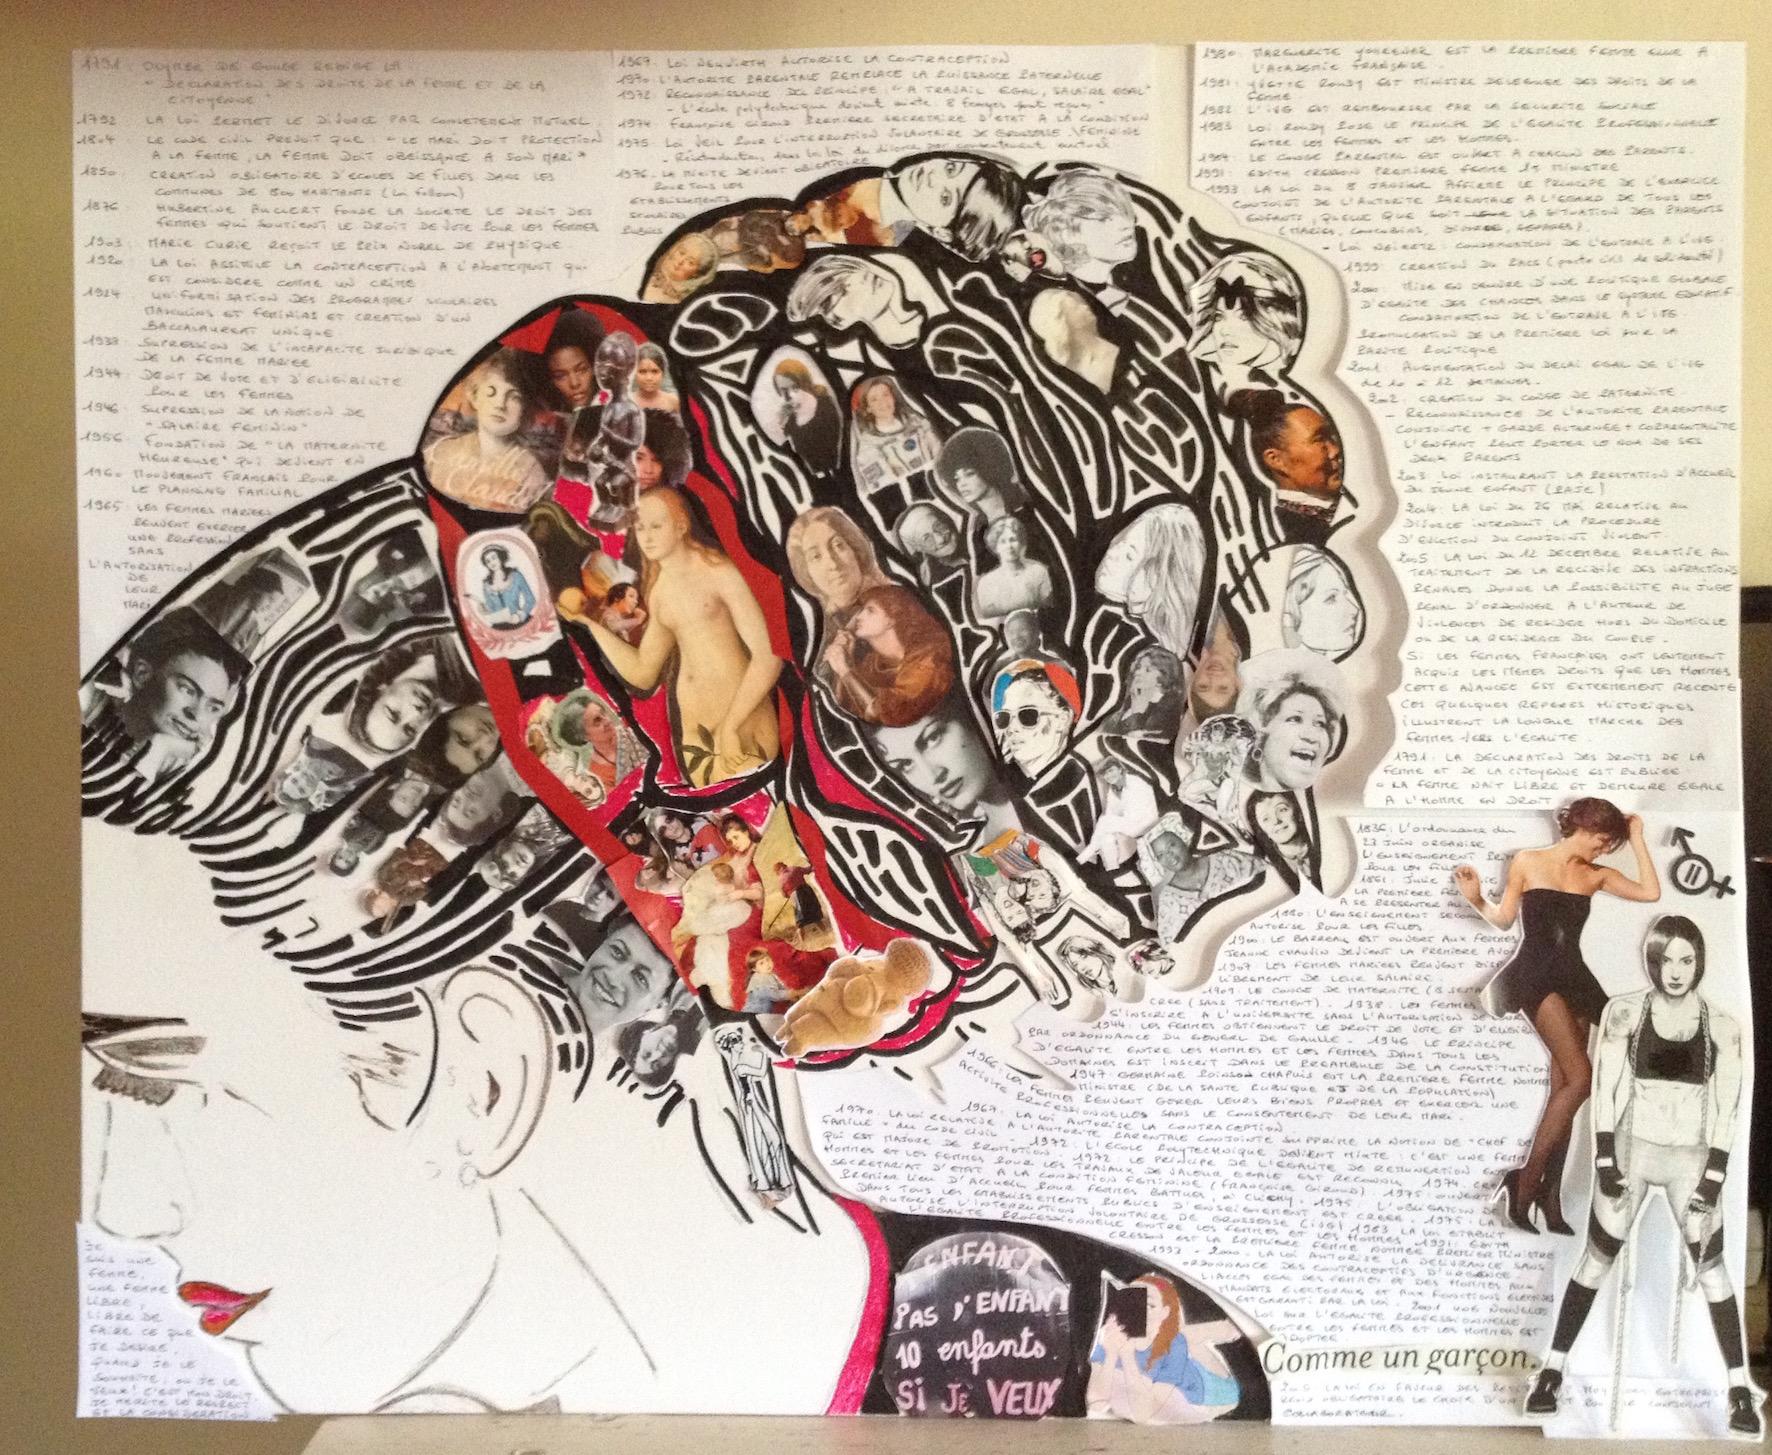 Mémoire de femmes - Collage, marqueur - 80x60 - en cours de réalisation